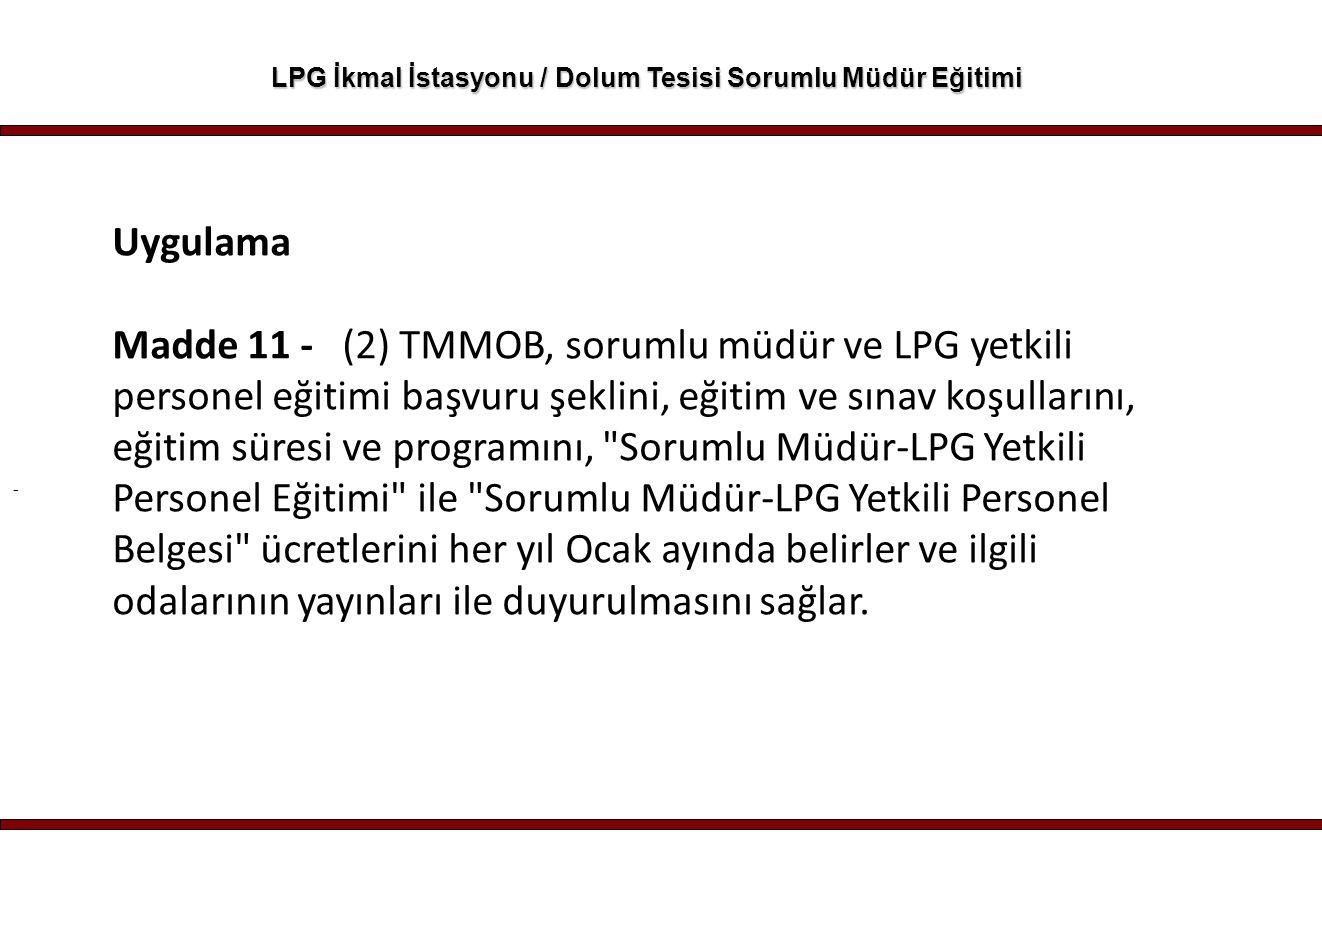 - LPG İkmal İstasyonu / Dolum Tesisi Sorumlu Müdür Eğitimi Uygulama Madde 11 - (2) TMMOB, sorumlu müdür ve LPG yetkili personel eğitimi başvuru şeklin